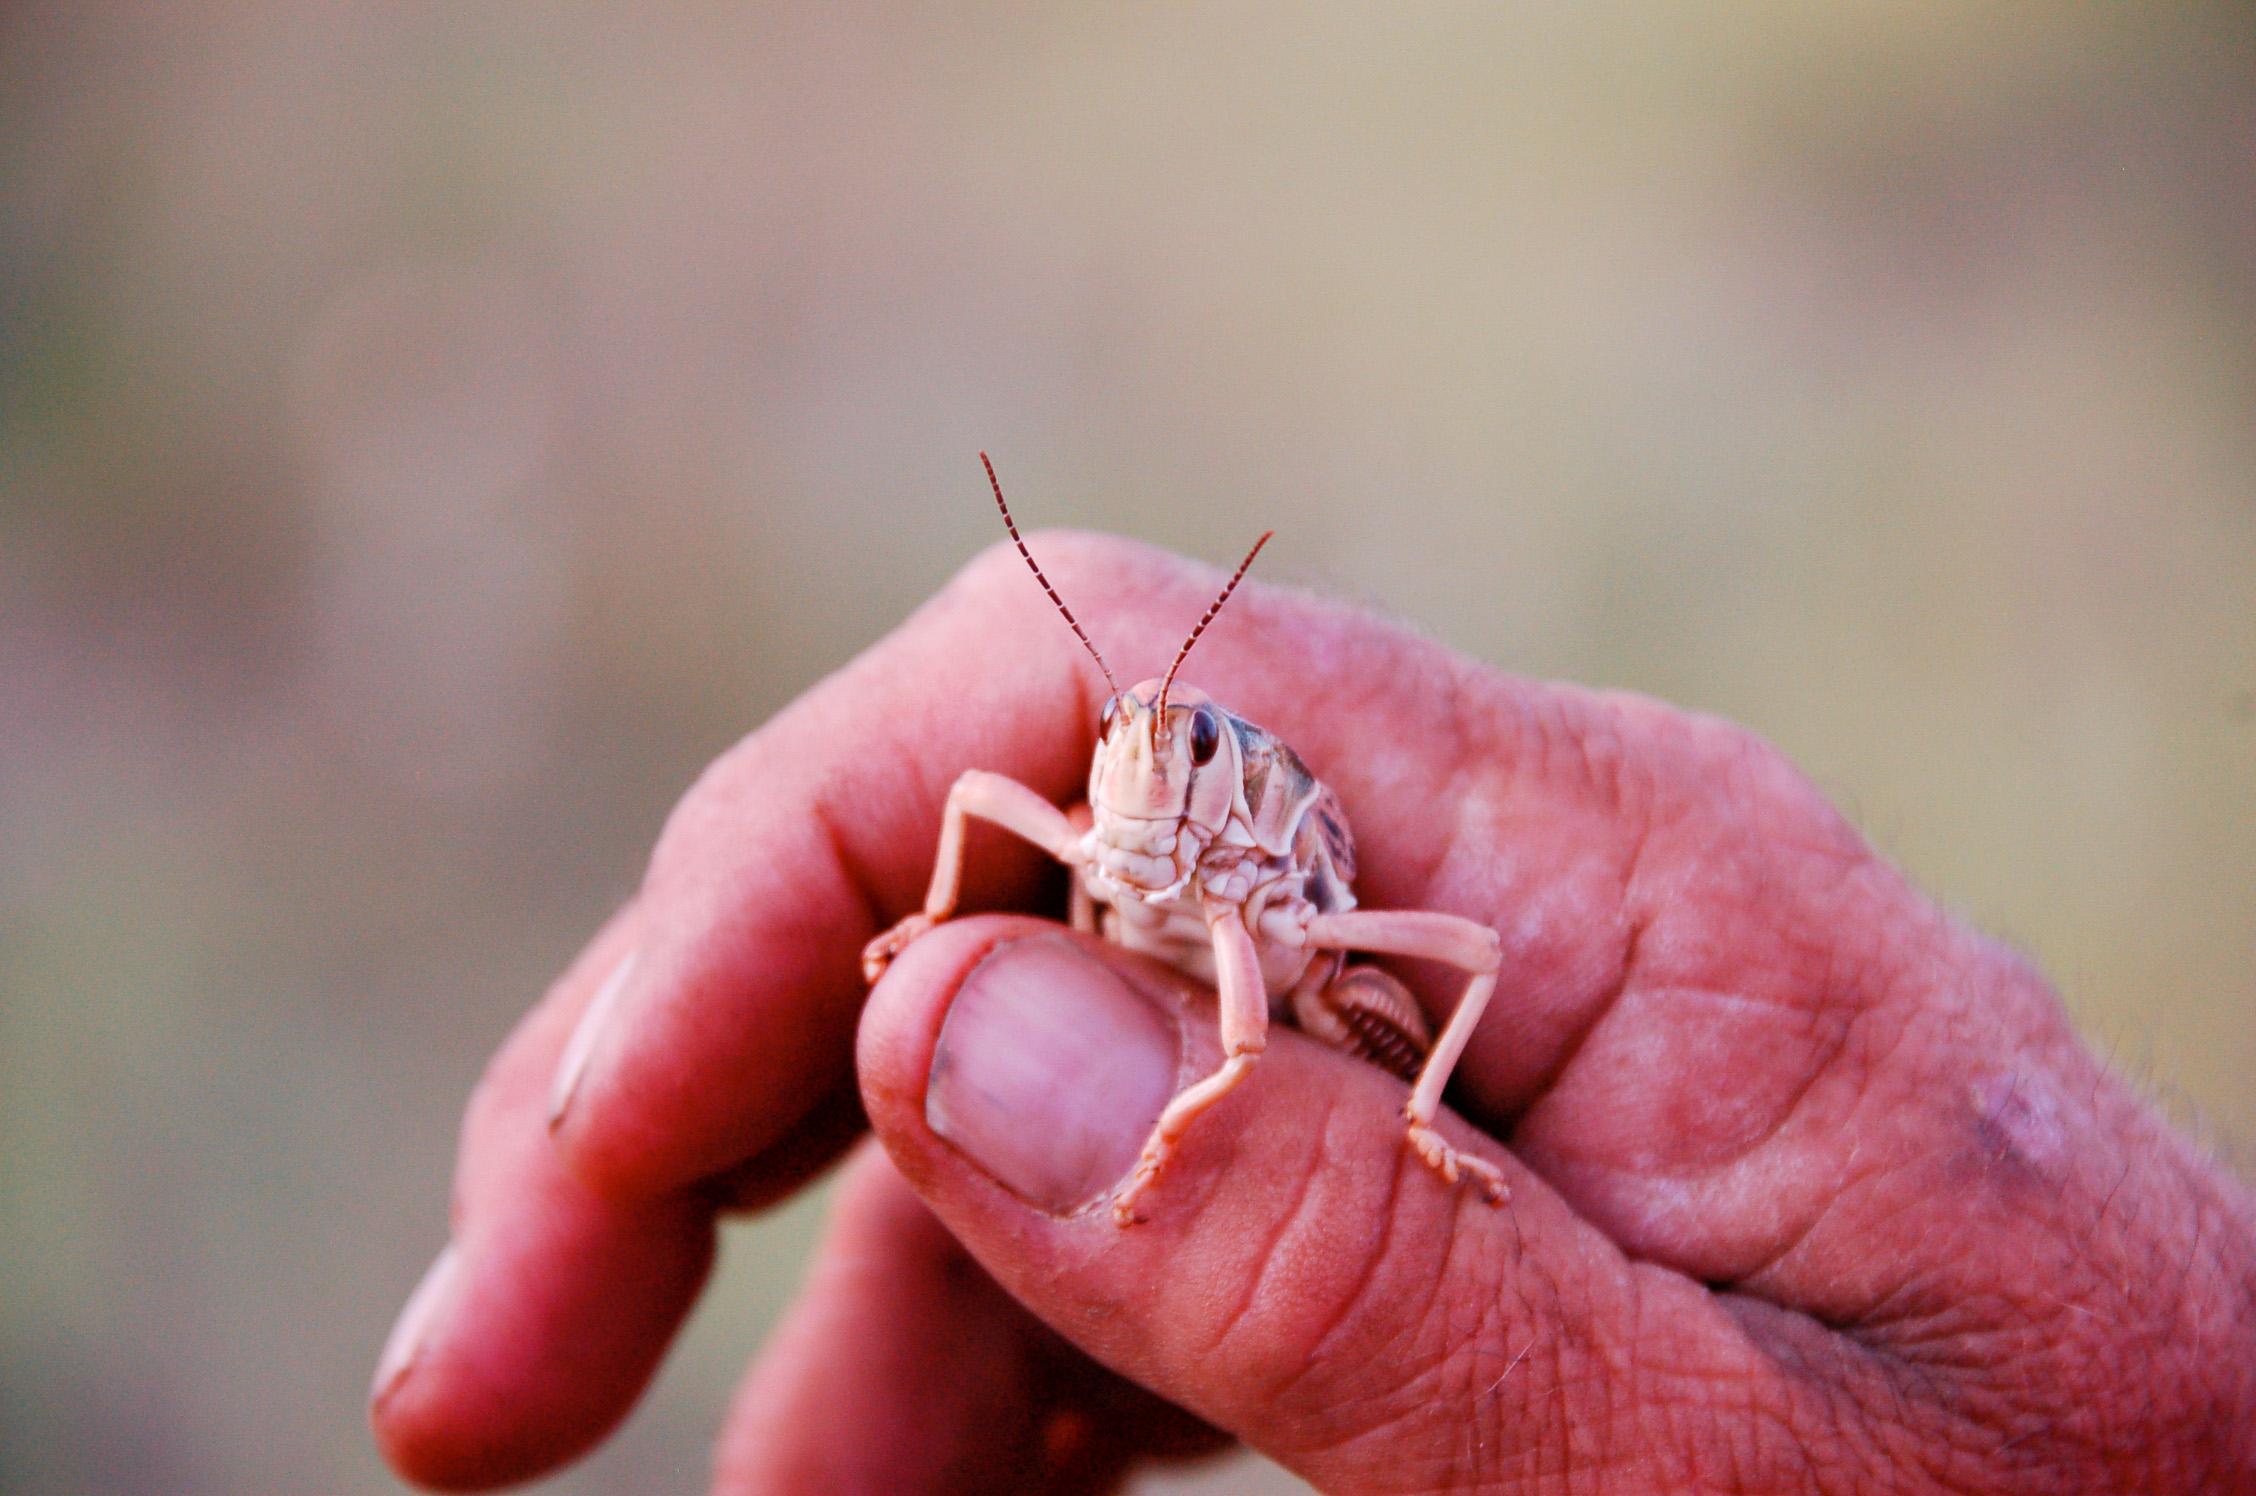 Riesenheuschrecken kommen häufig vor in Kansas und Oklahoma